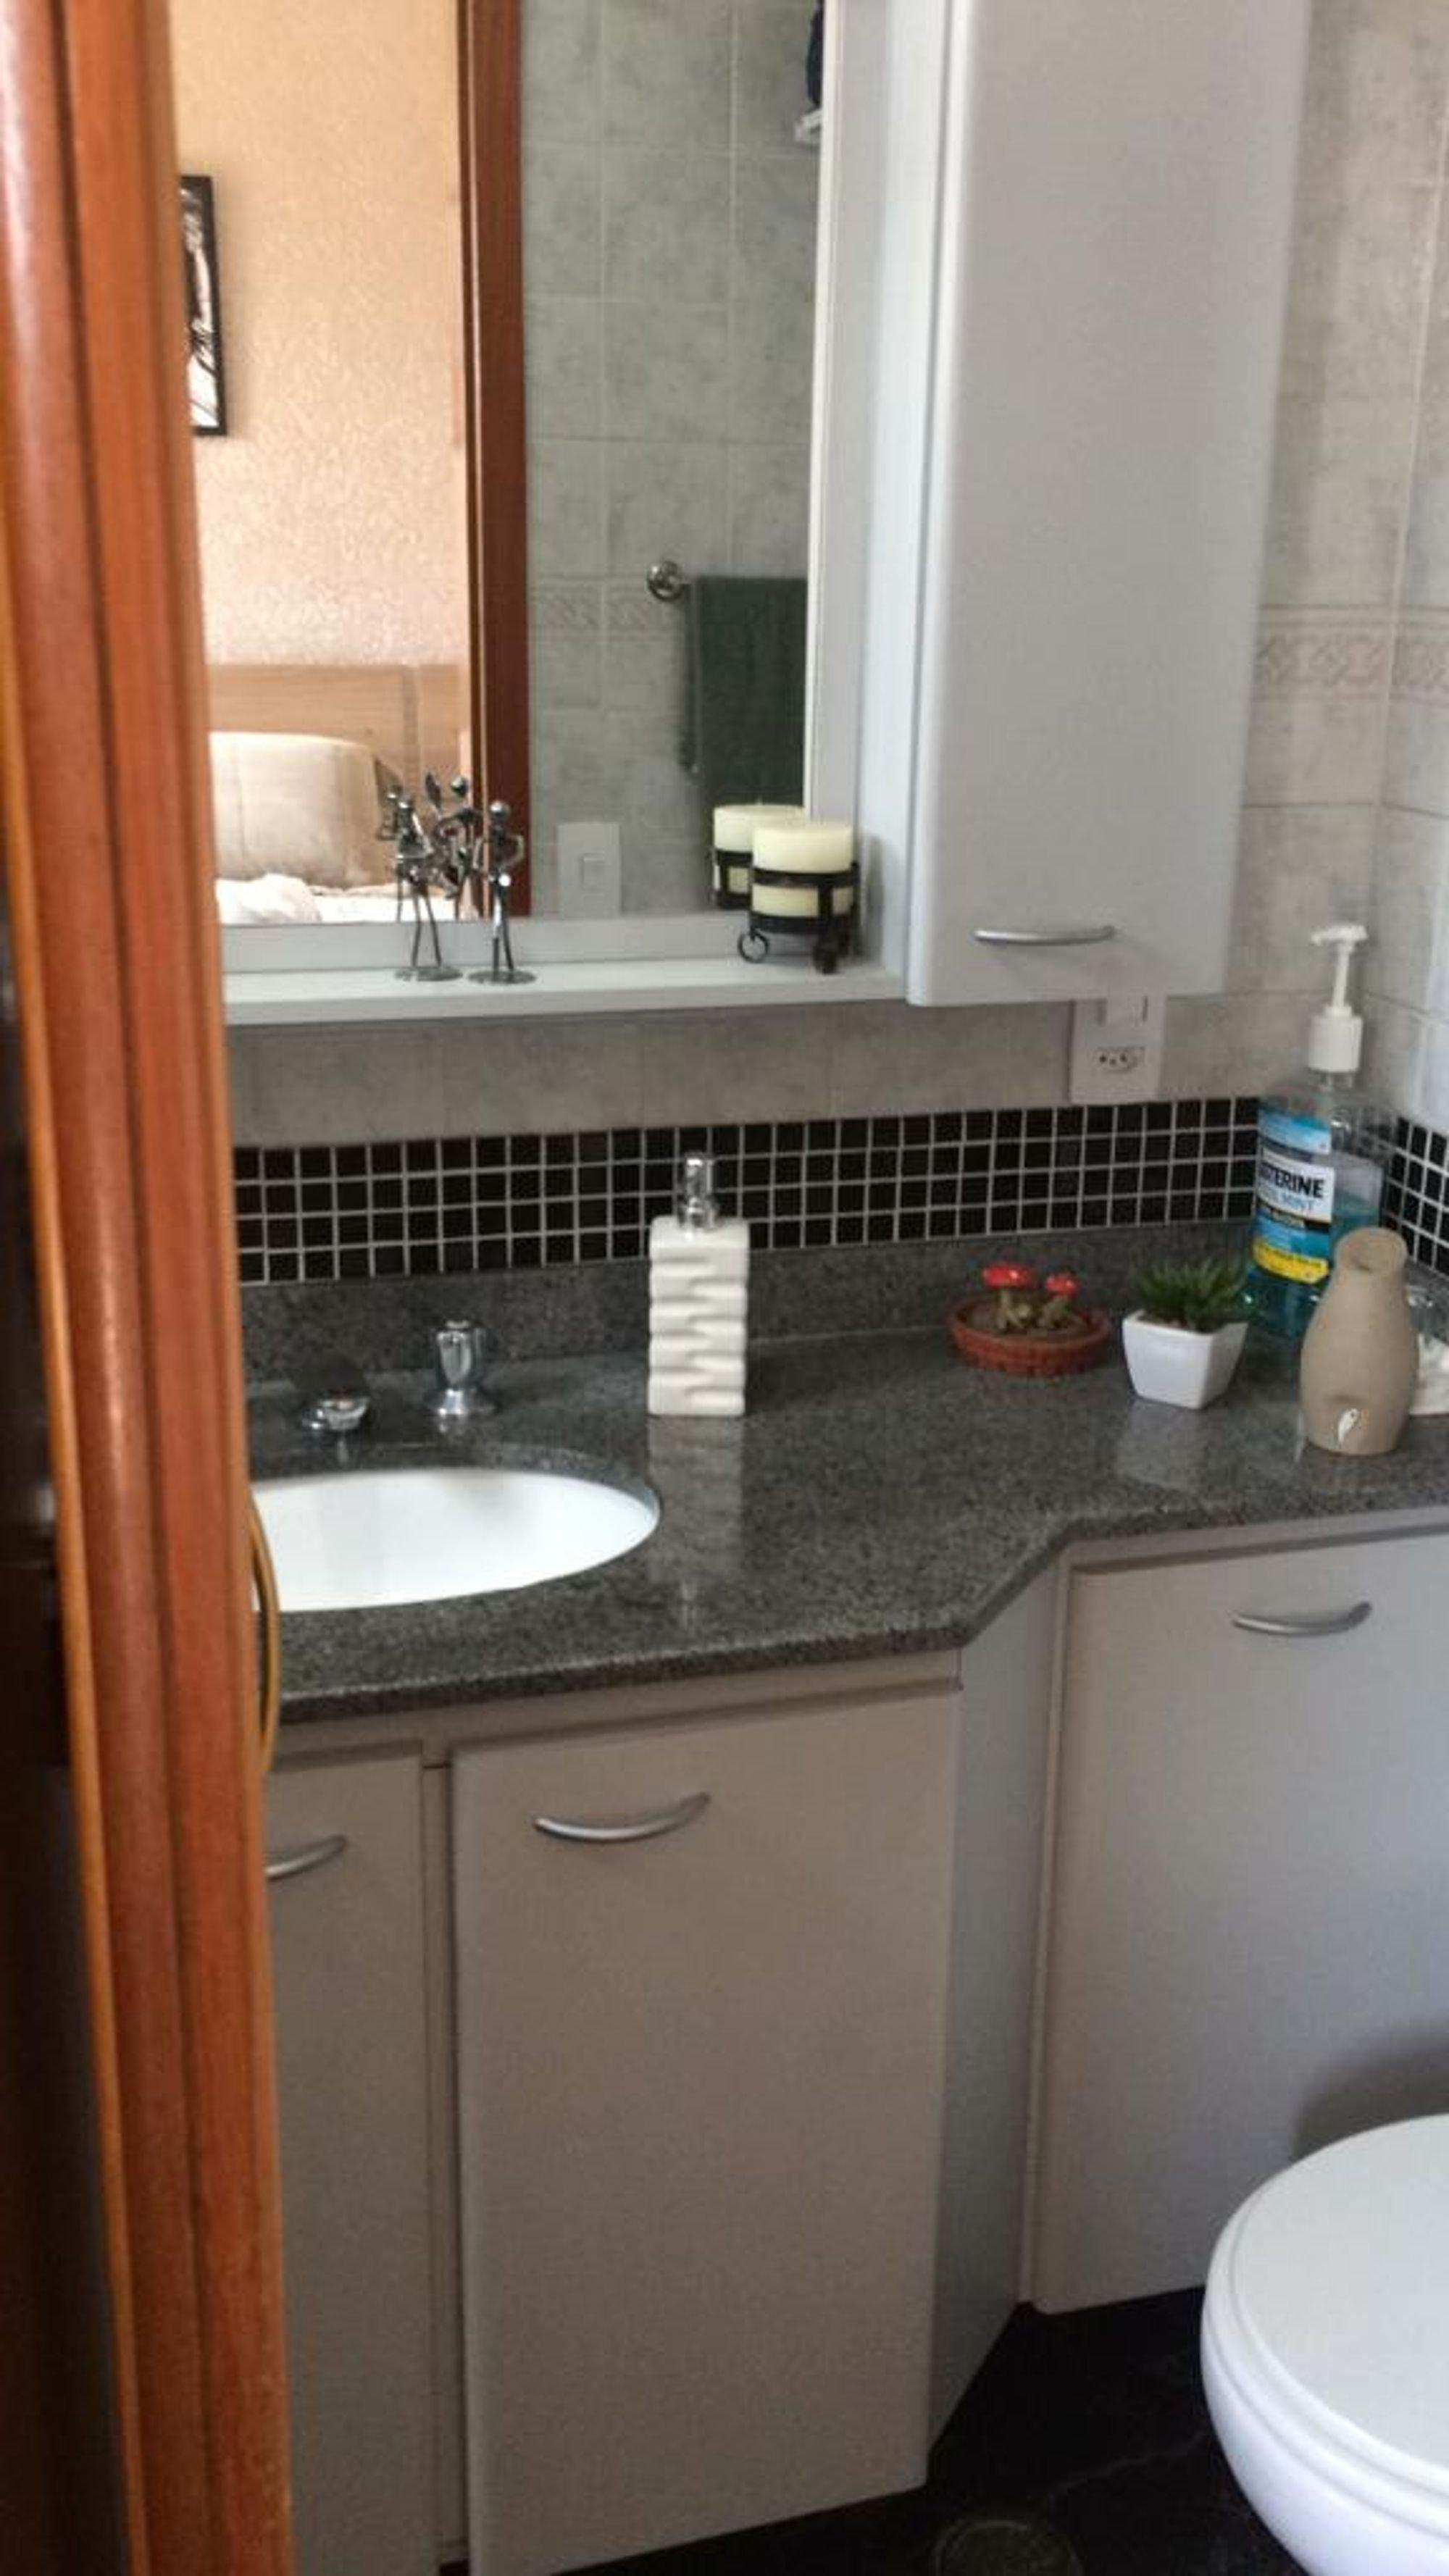 Foto de Banheiro com vaso sanitário, garrafa, tigela, pia